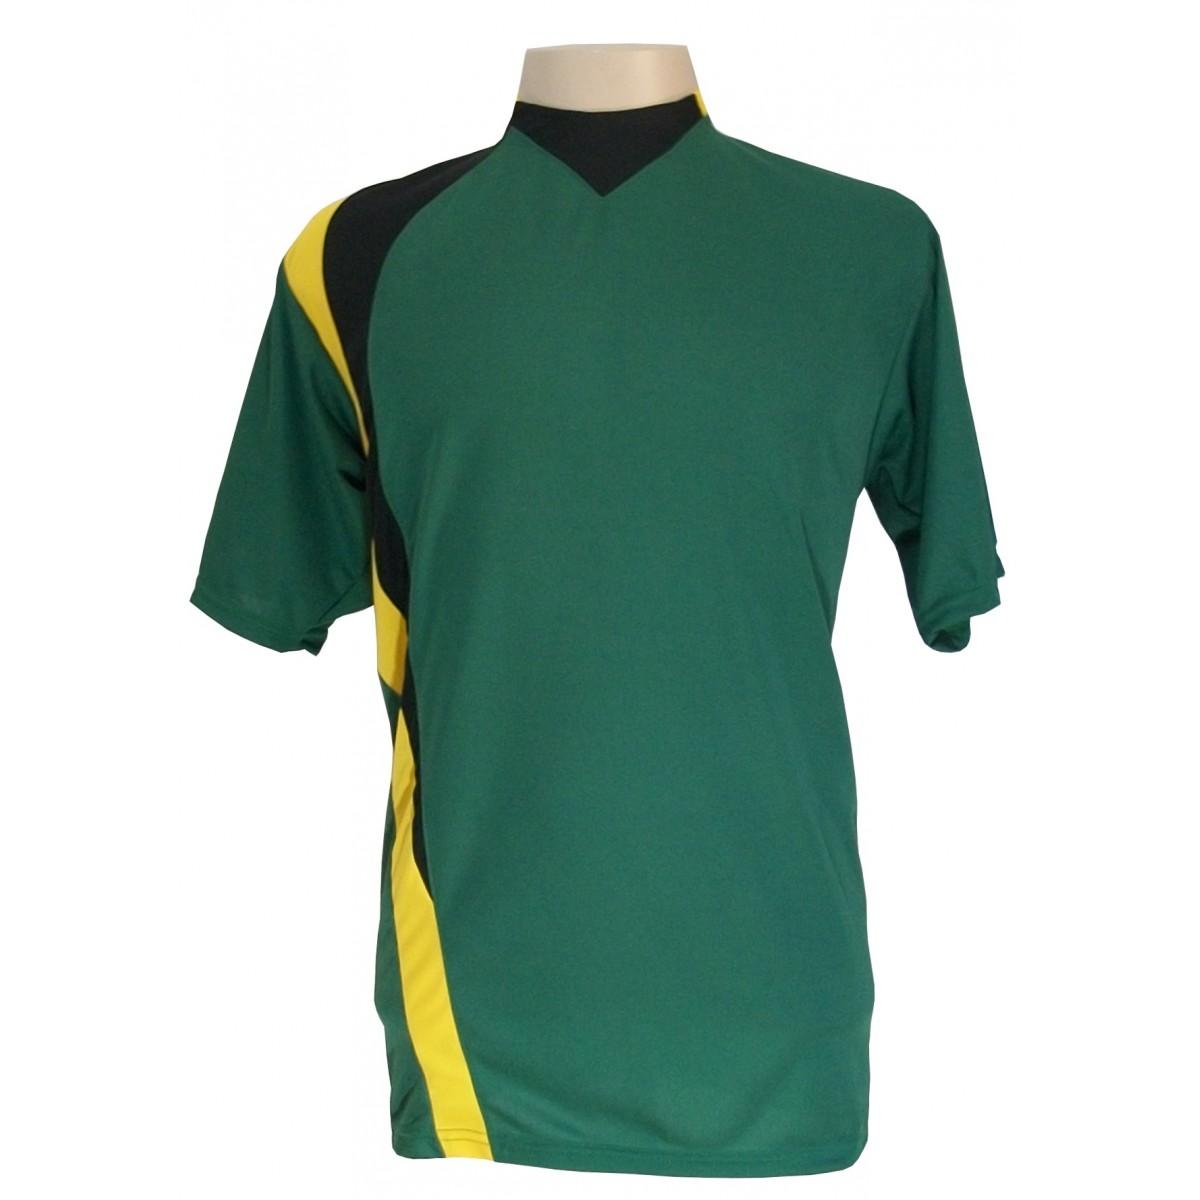 Jogo de Camisa com 14 pe�as modelo PSG Verde/Amarelo/Preto - Frete Gr�tis Brasil + Brindes